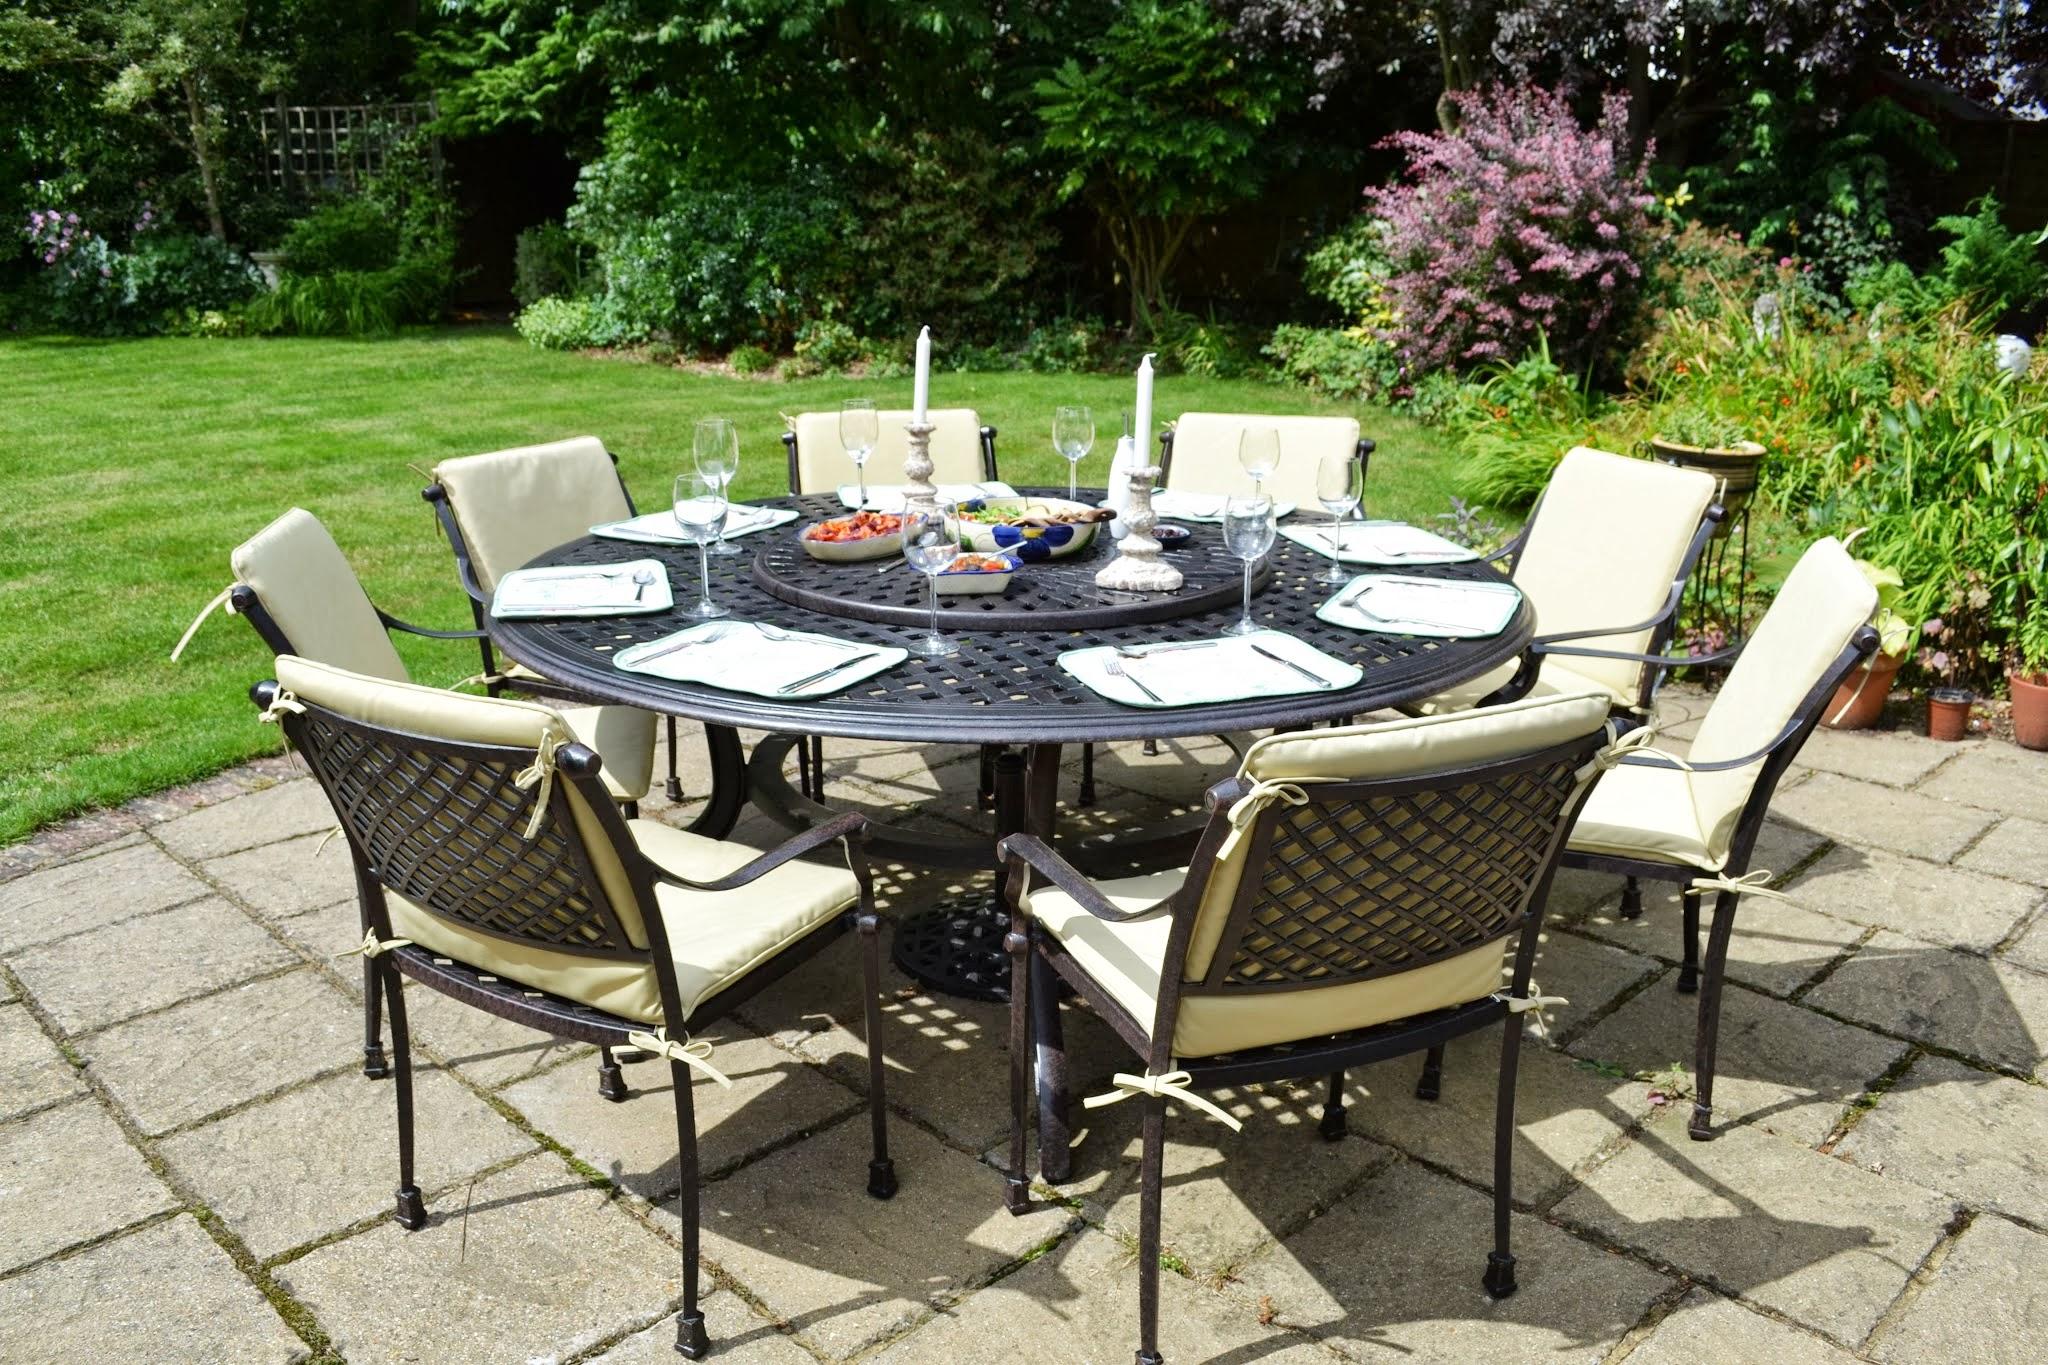 Jardin Table Jardin Tati De Table Tati De R54Laj concernant Table De Jardin Avec Chaise Pas Cher